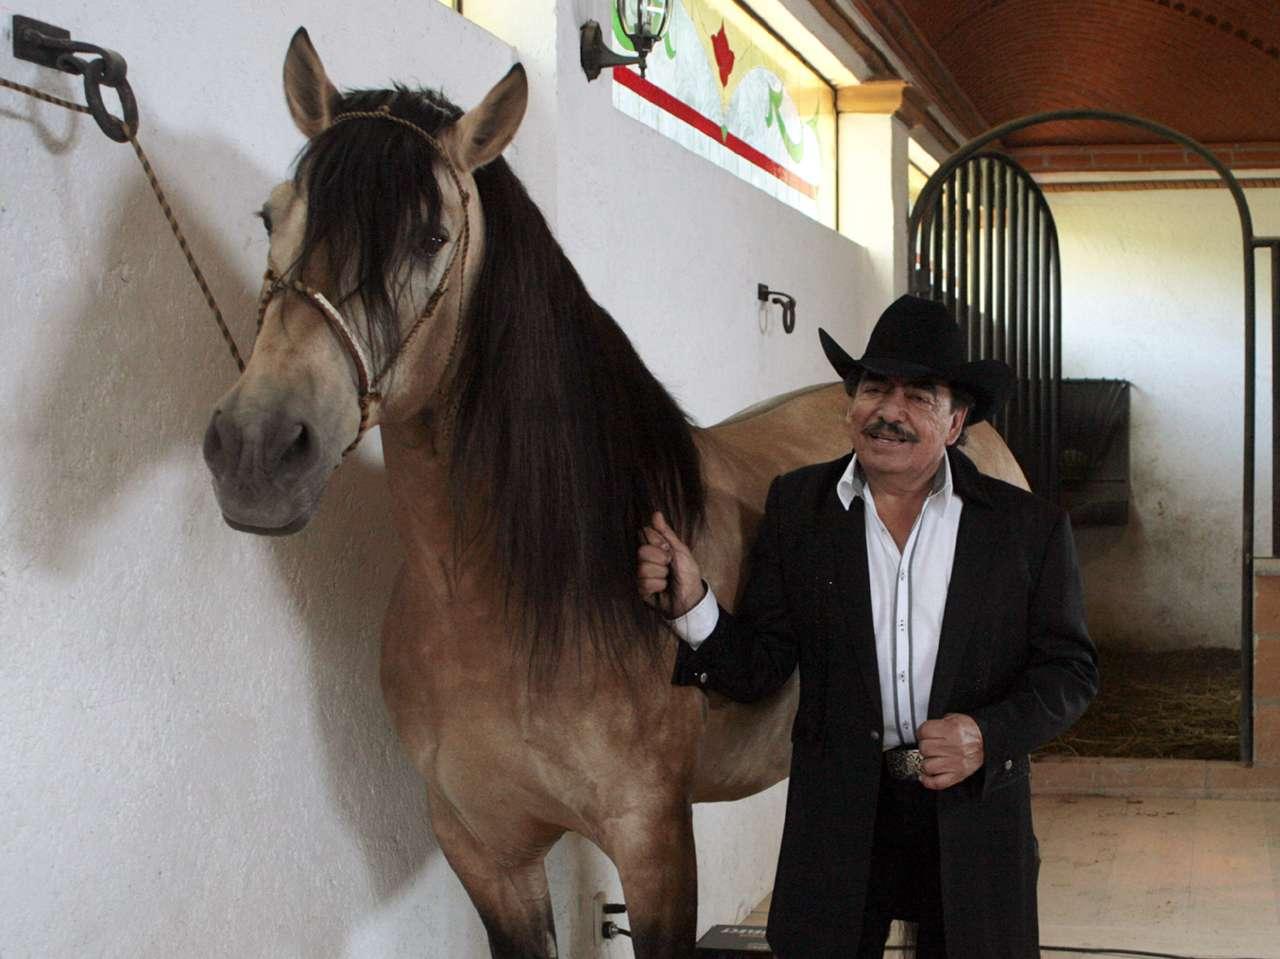 En repetidas ocasiones se ha rumorado que Joan Sebastian mantiene nexos con el narco. Foto: Medios y Media